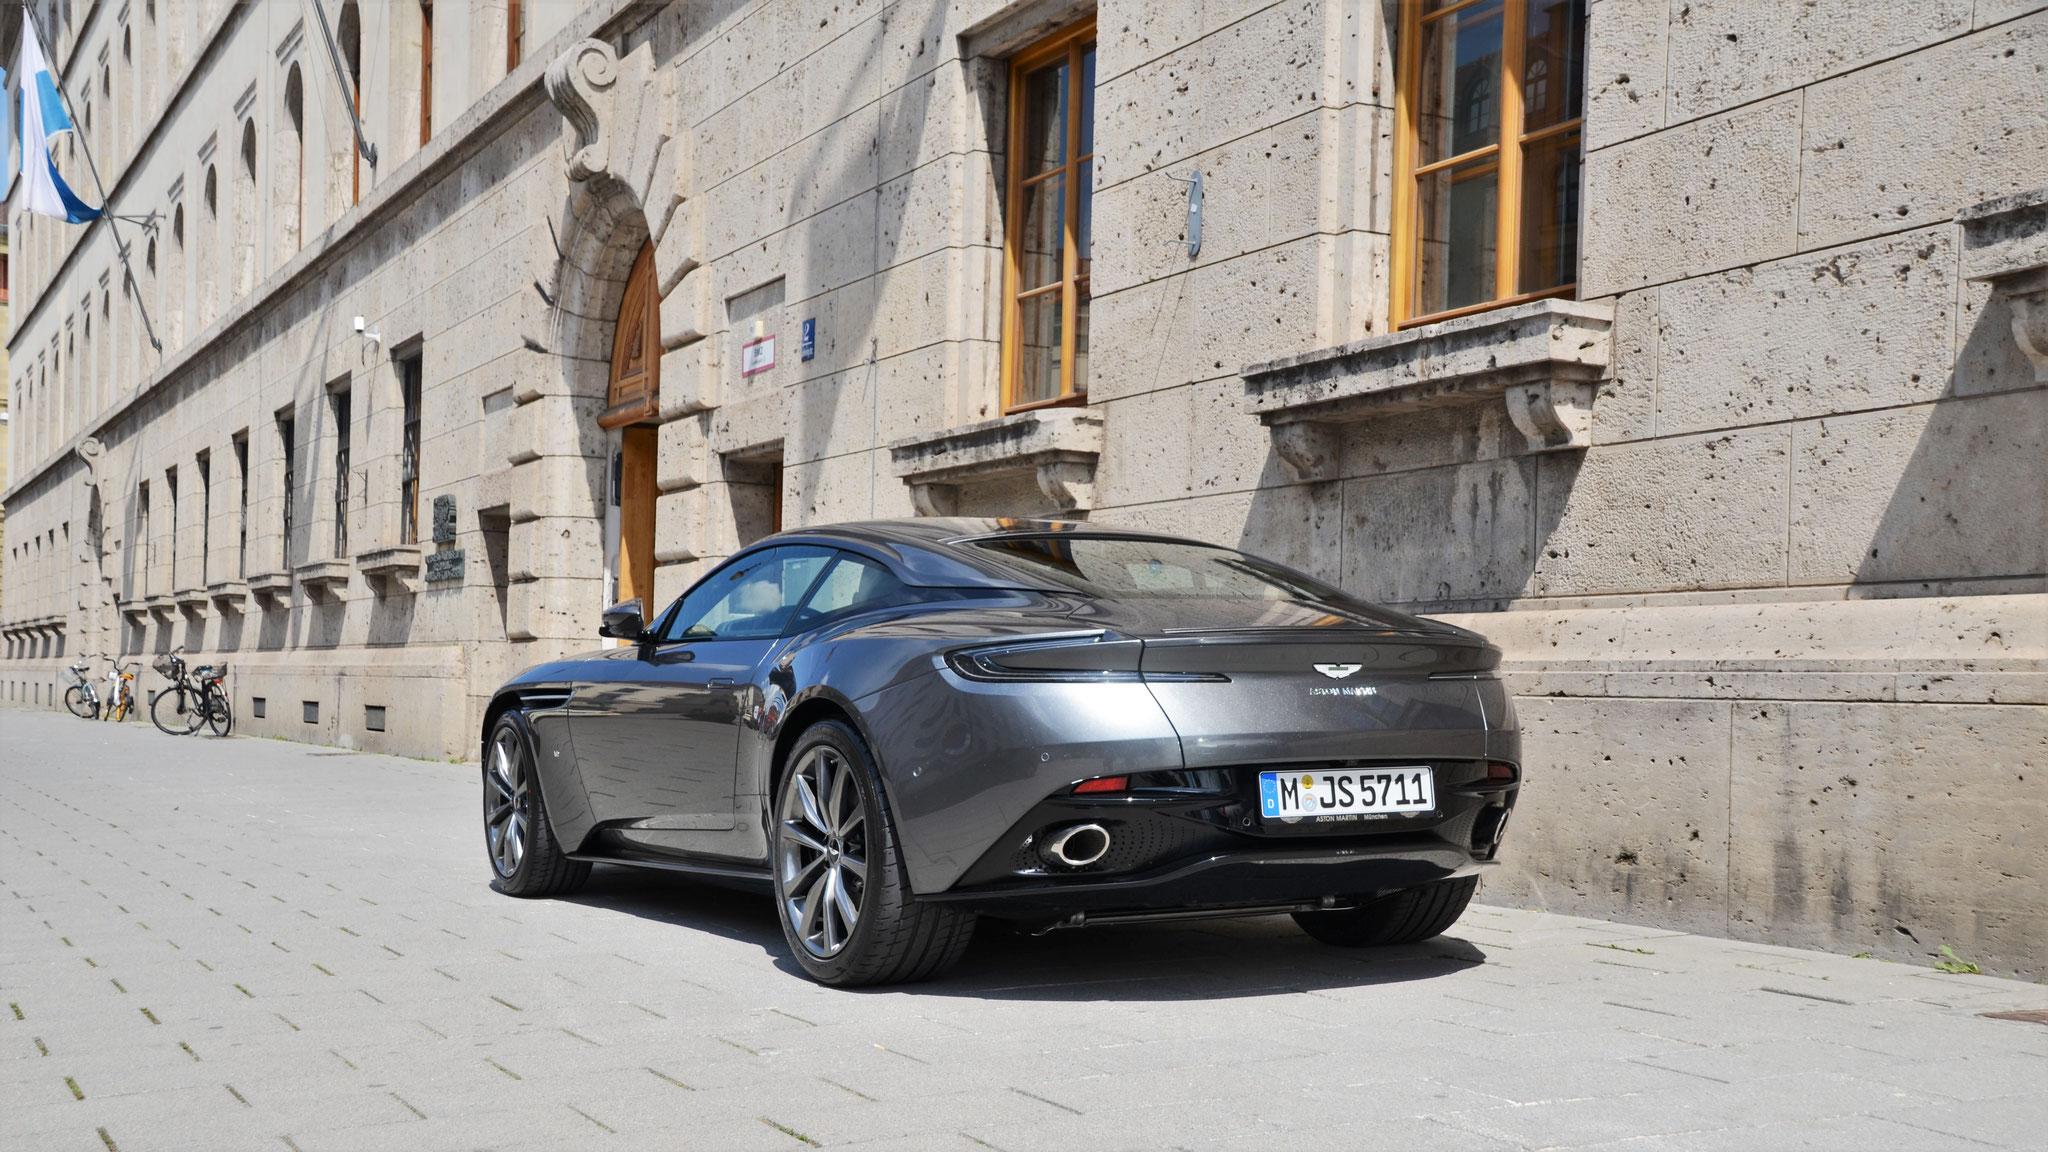 Aston Martin DB11 - M-JS-5711